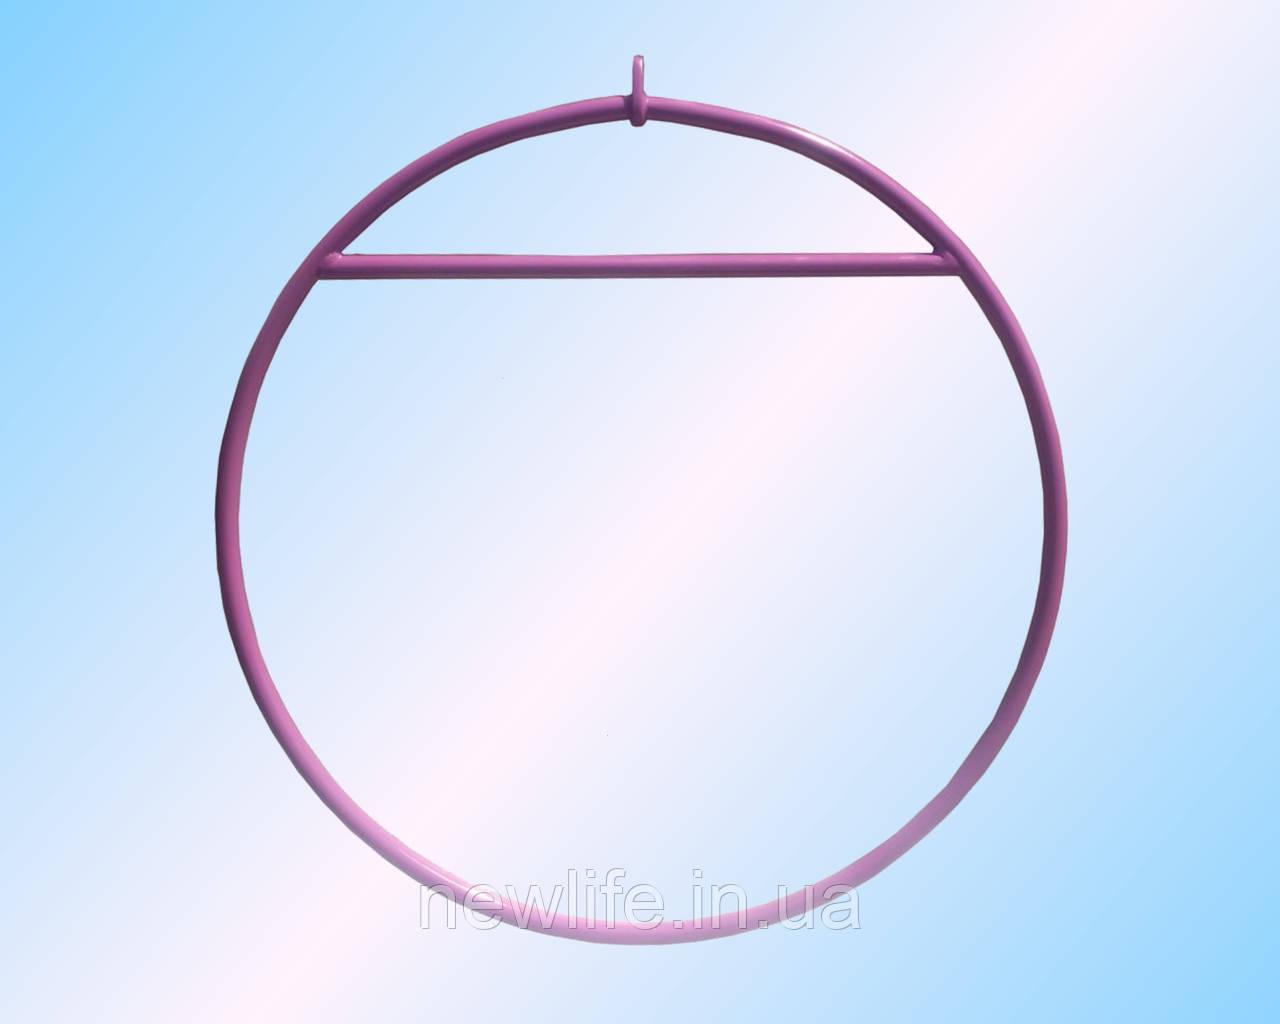 Воздушное кольцо, Aerial Hoop